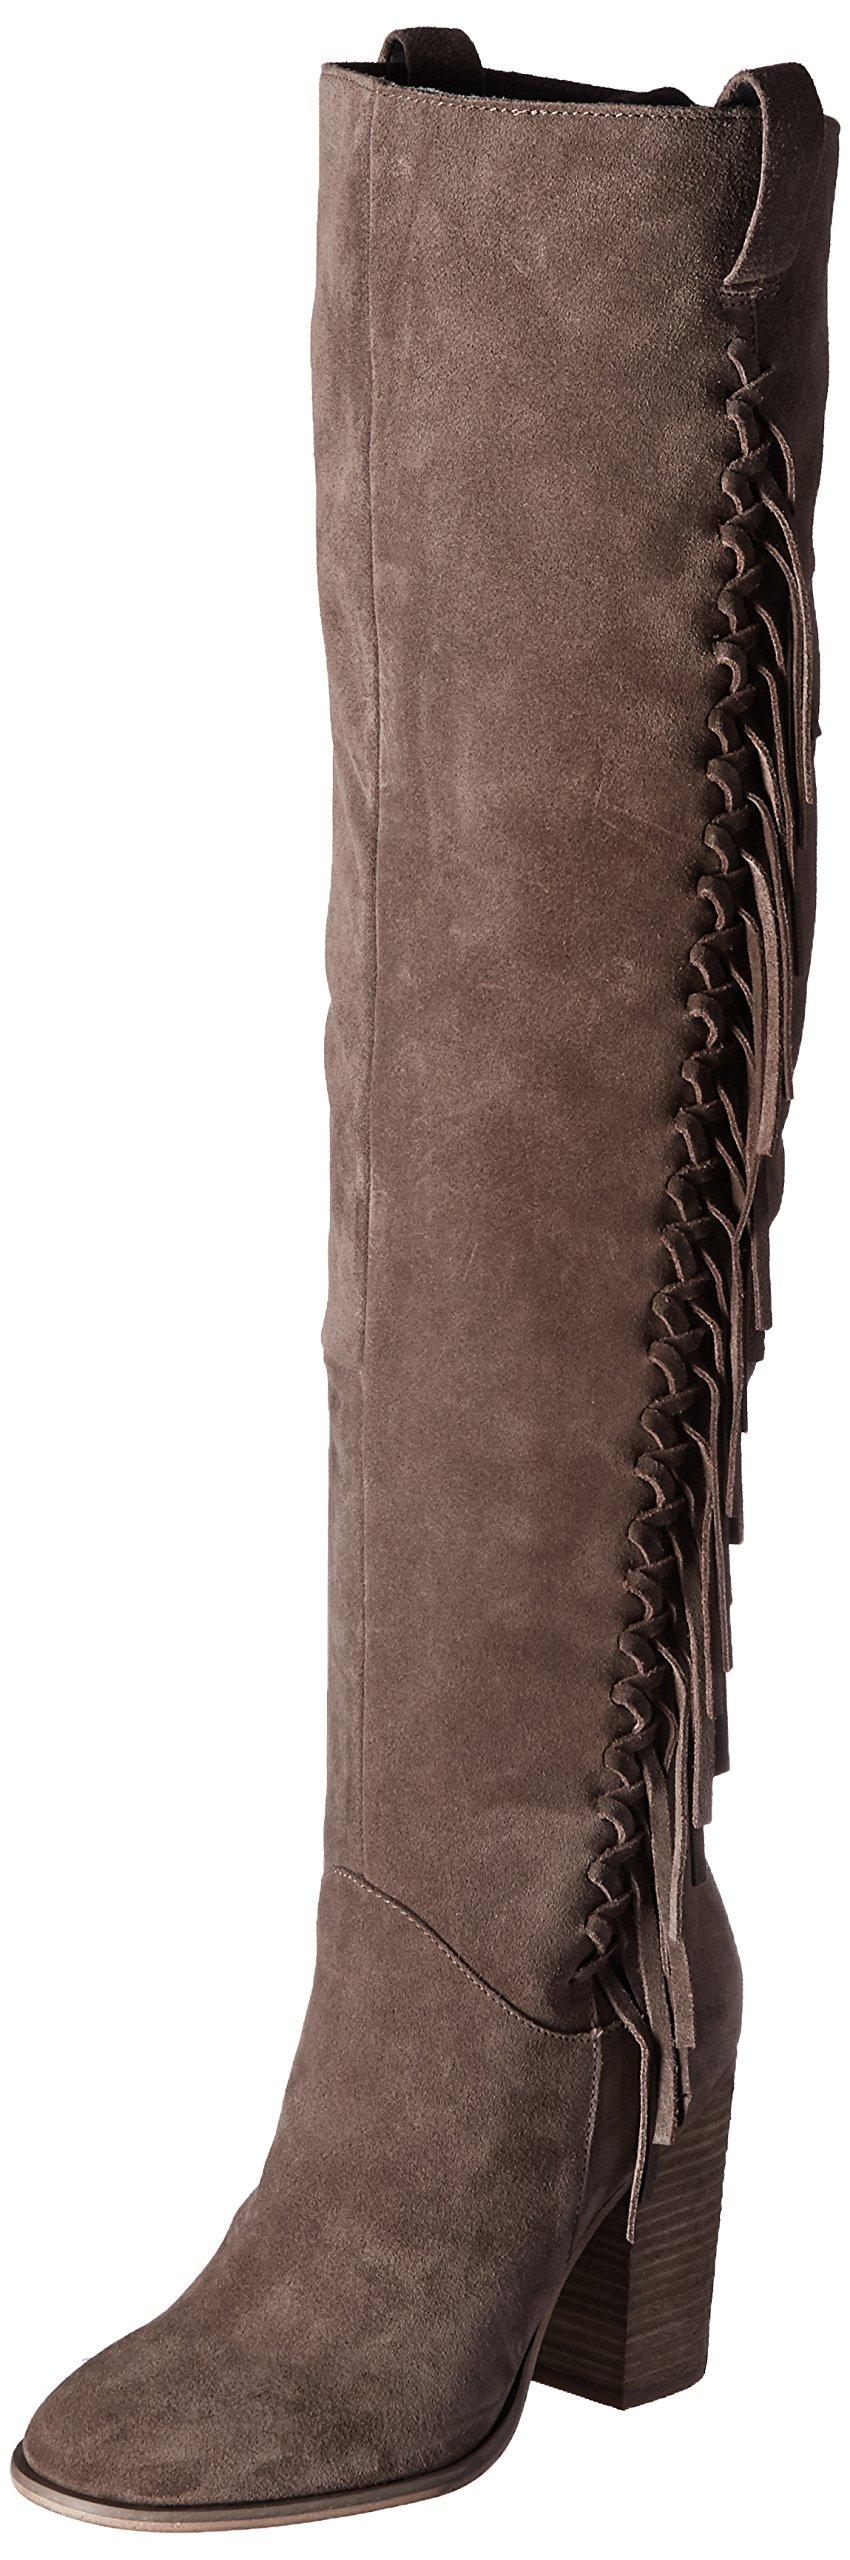 Carlos by Carlos Santana Women's Garrett Slouch Boot, Doe, 6.5 M US